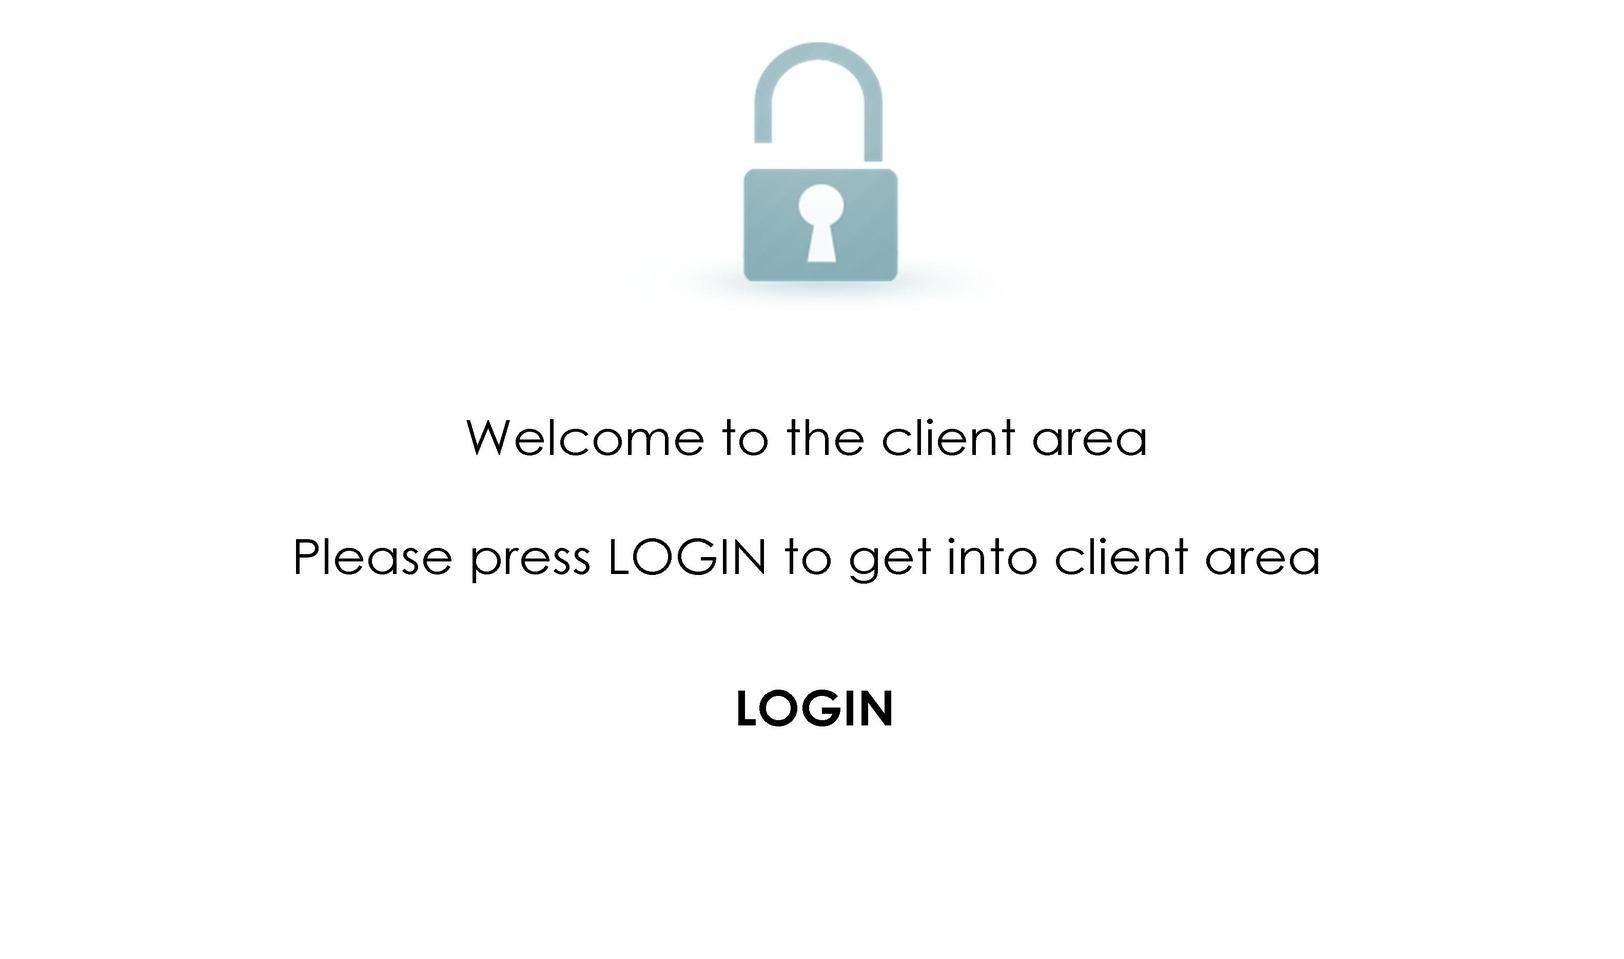 Clientarea